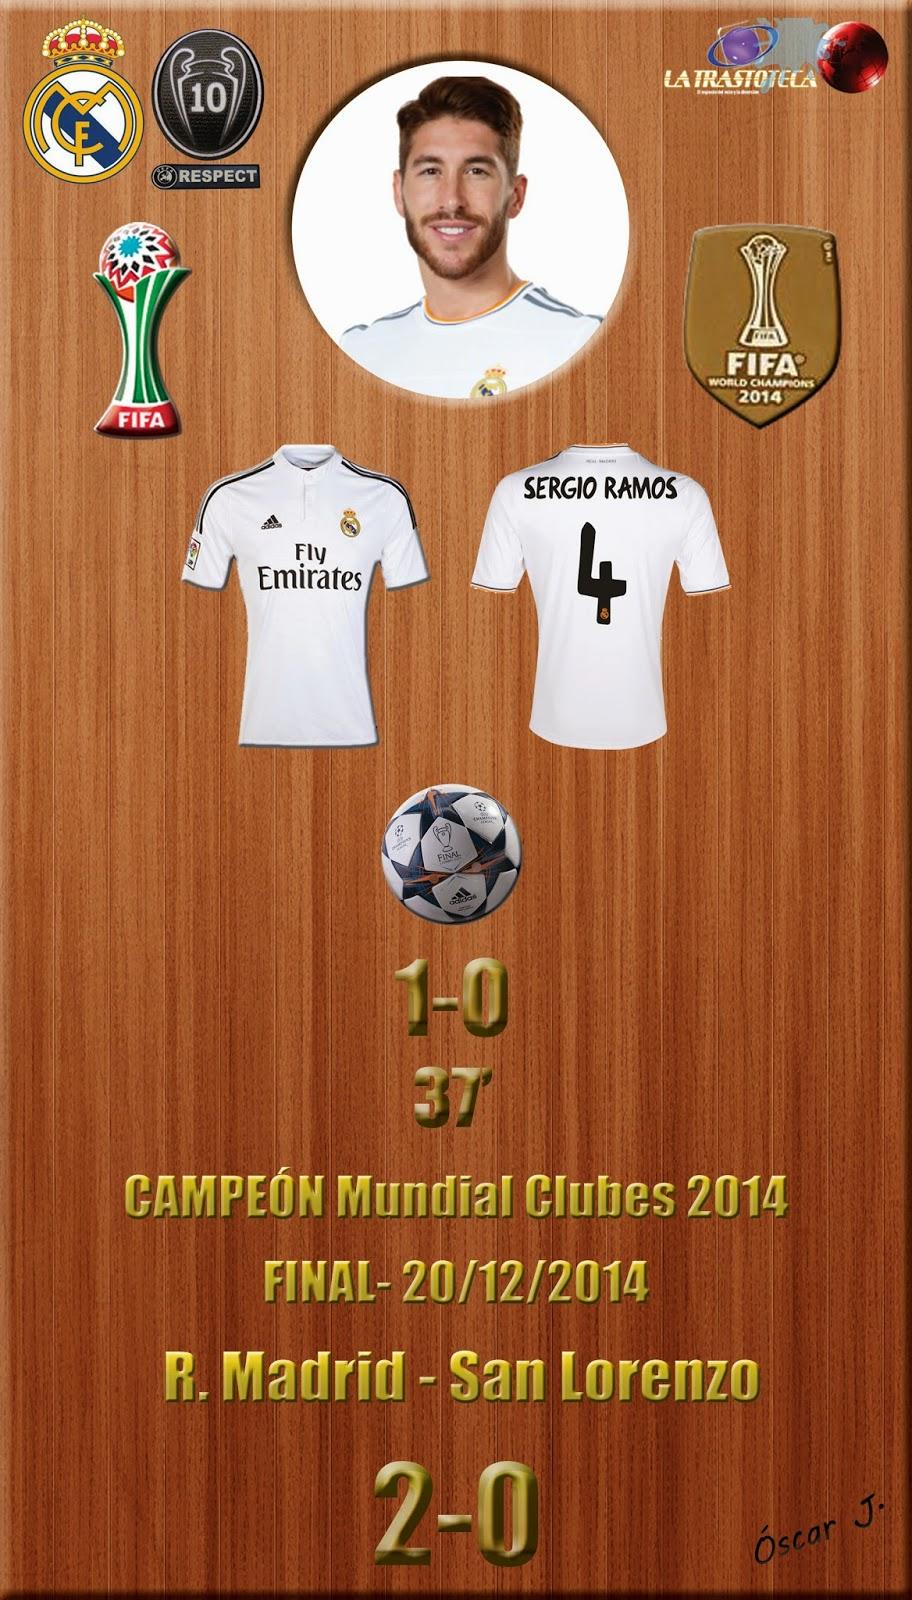 Sergio Ramos (1-0) - Real Madrid CAMPEÓN DEL MUNDO - Real Madrid 2-0 San lorenzo - Mundial de Clubes de la FIFA MARRUECOS 2014 - FINAL (20/12/2014)